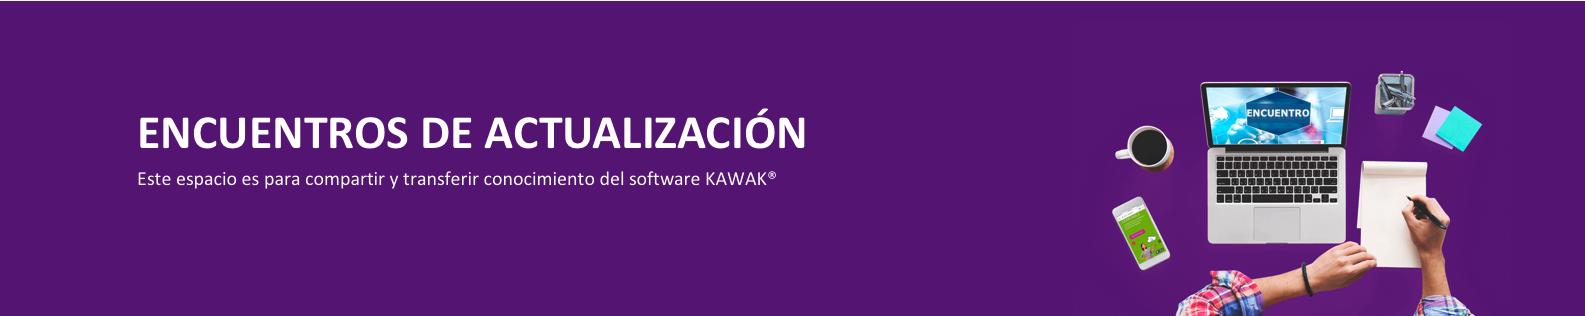 Banner_encuentro_de_actualizacion